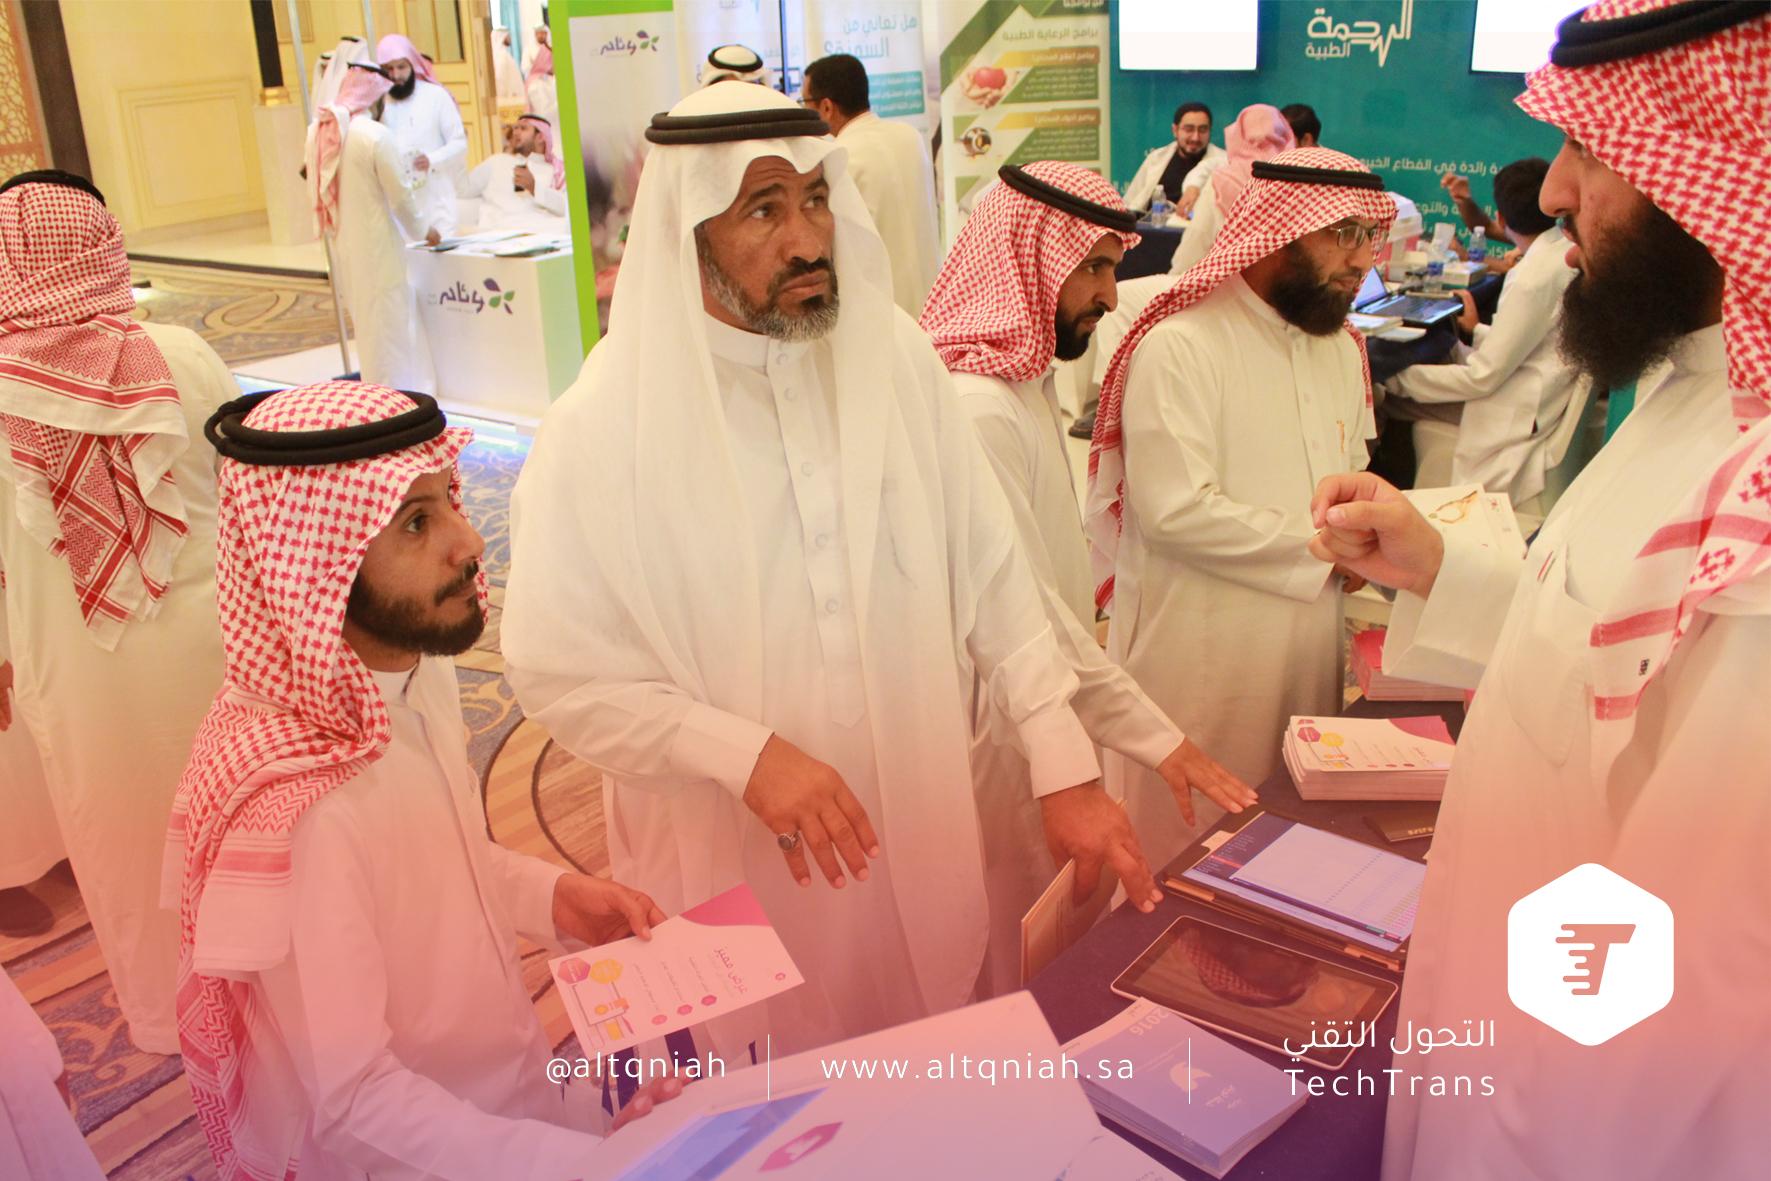 التحول التقني تشارك في اللقاء 15 للجهات الخيرية، وتوقع مذكرة تفاهم مع جمعية عون التقنية.